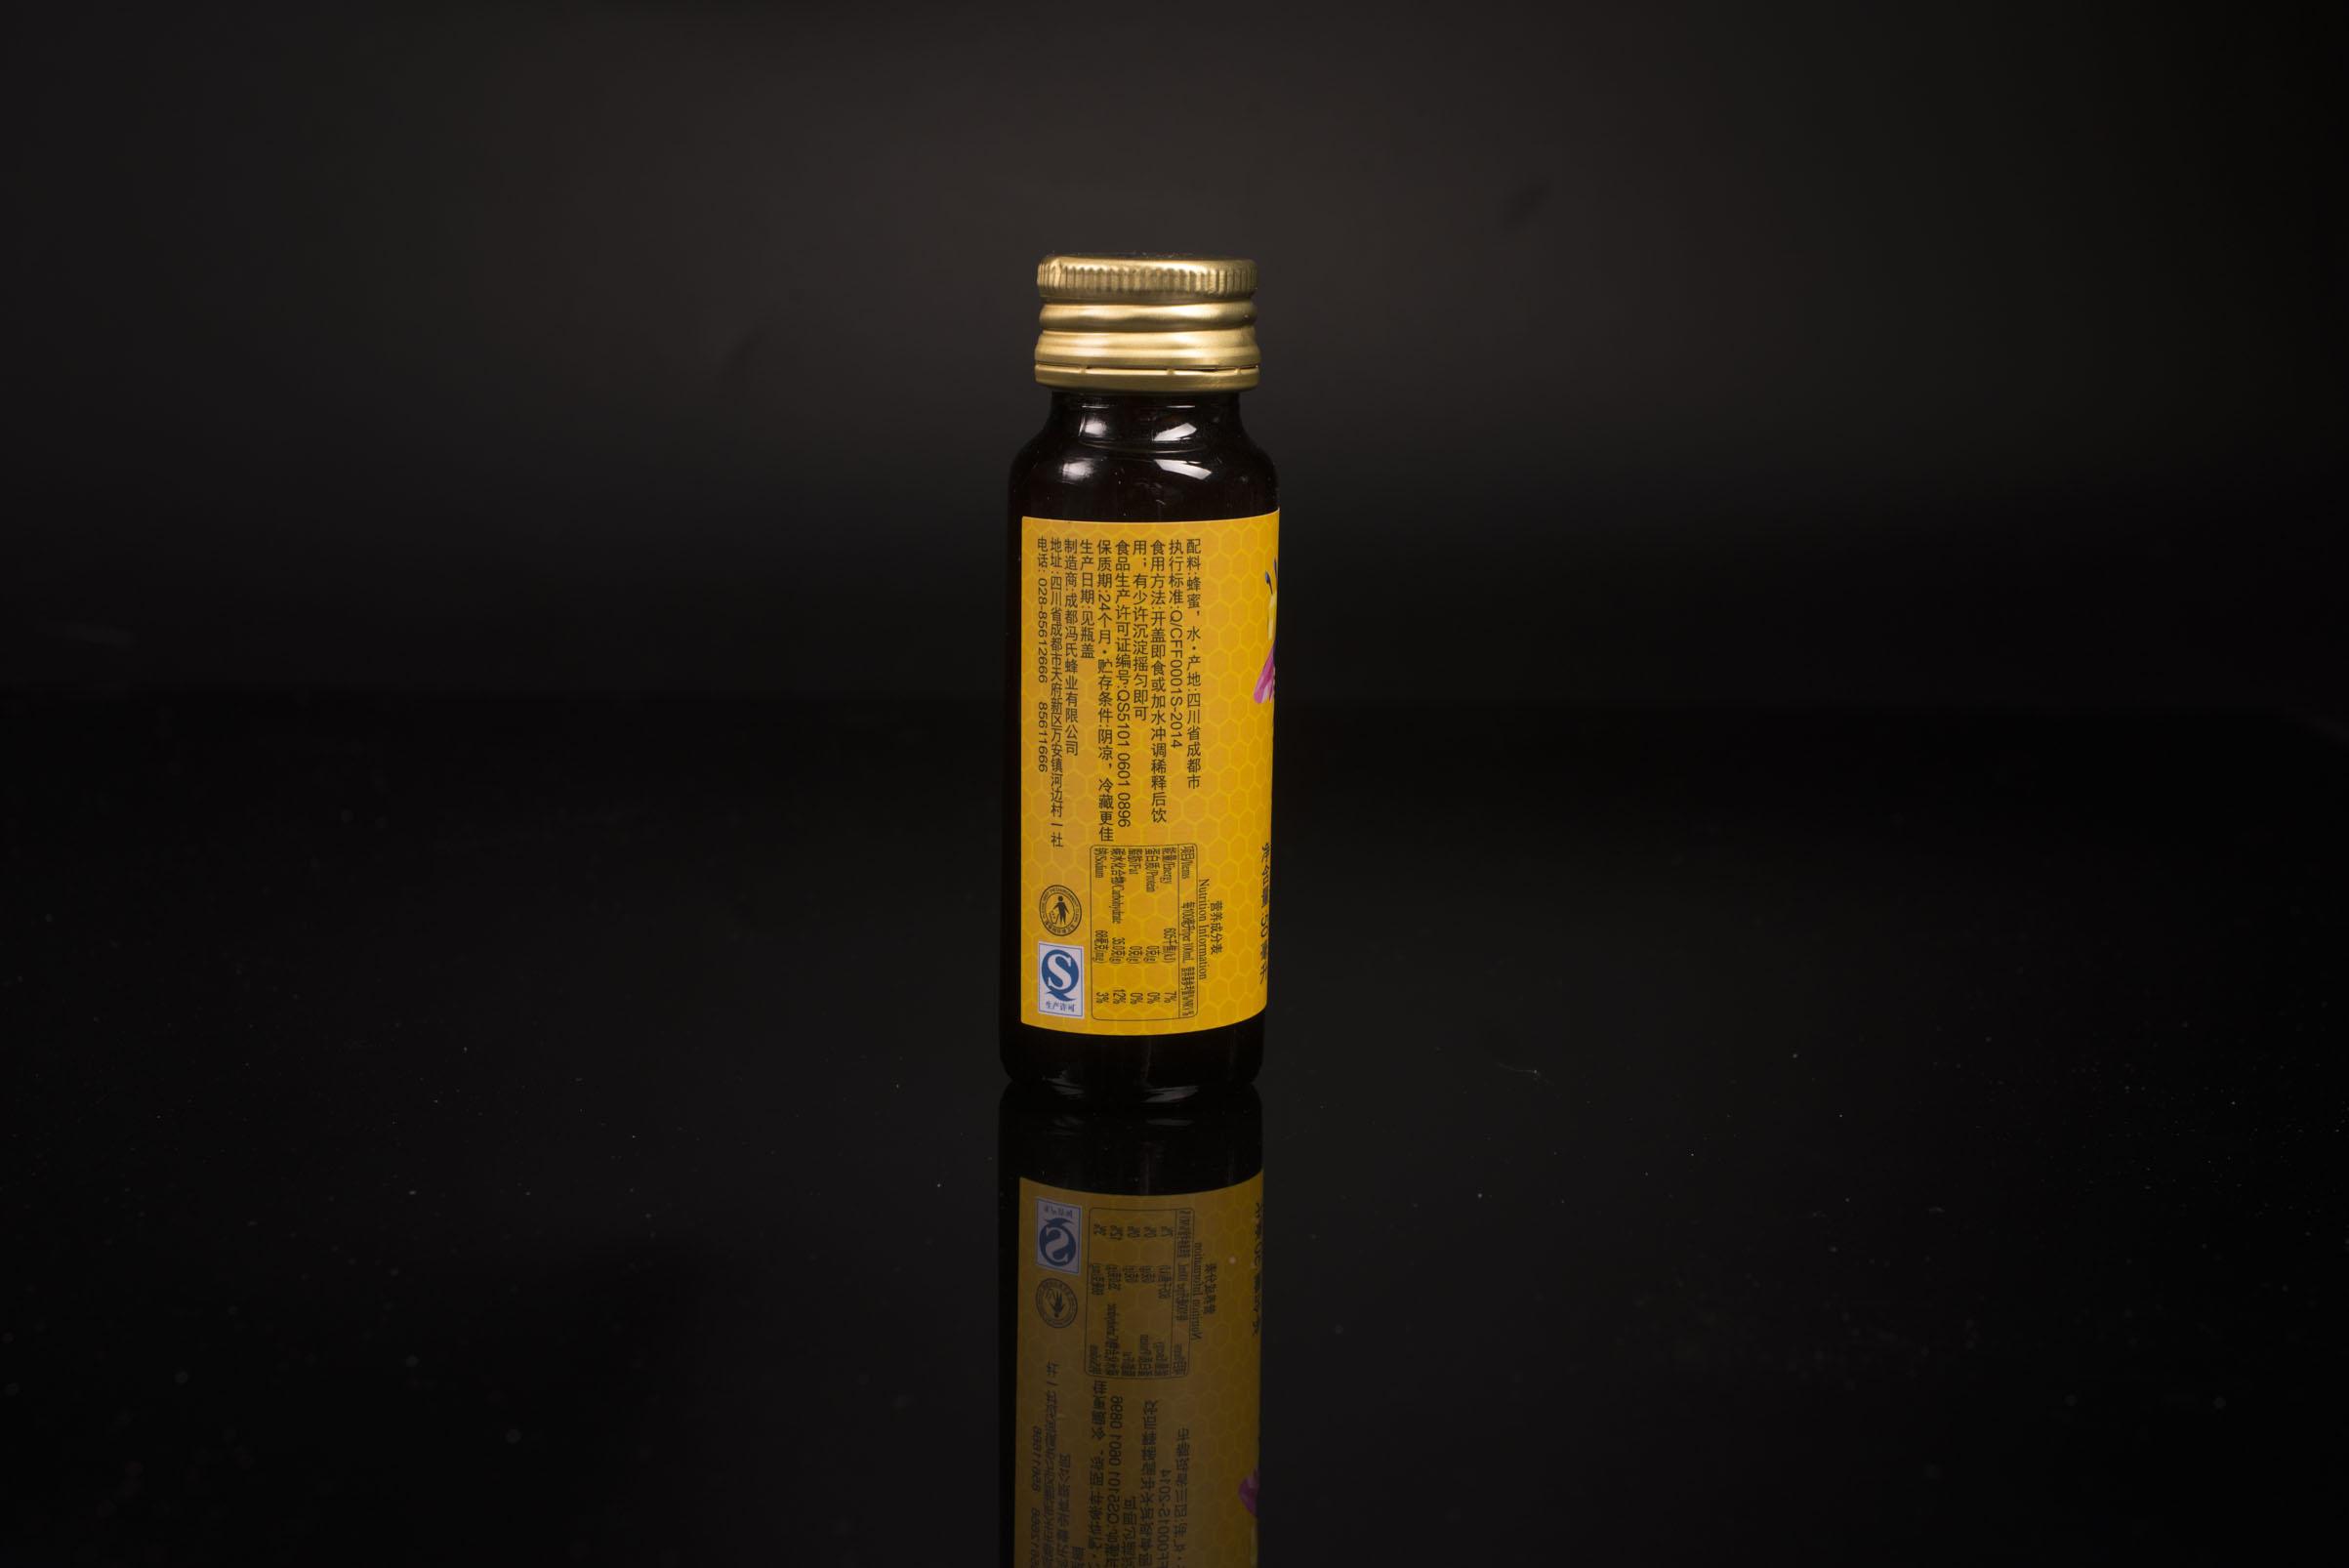 蜜宝乐蜂蜜酵素  全球首创   50ml*8瓶/盒  养生   3月3日-3月19日限时抢购买一赠一